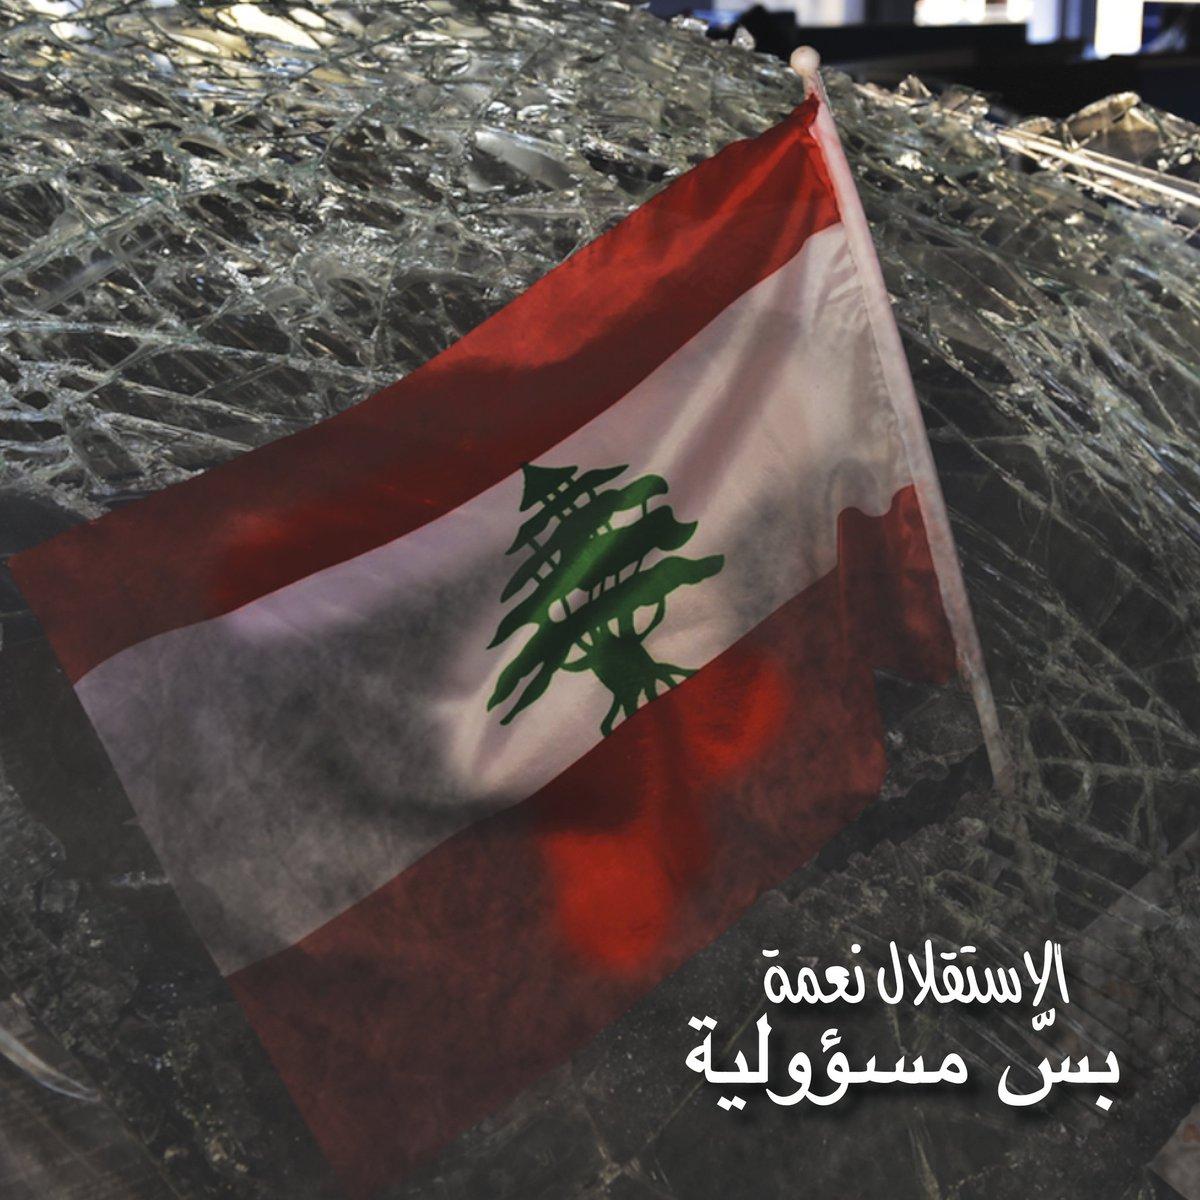 Replying to @samer_saade: #الإستقلال نِعمة بسّ مسؤولية #عيد_الإستقلال #سامر_سعادة